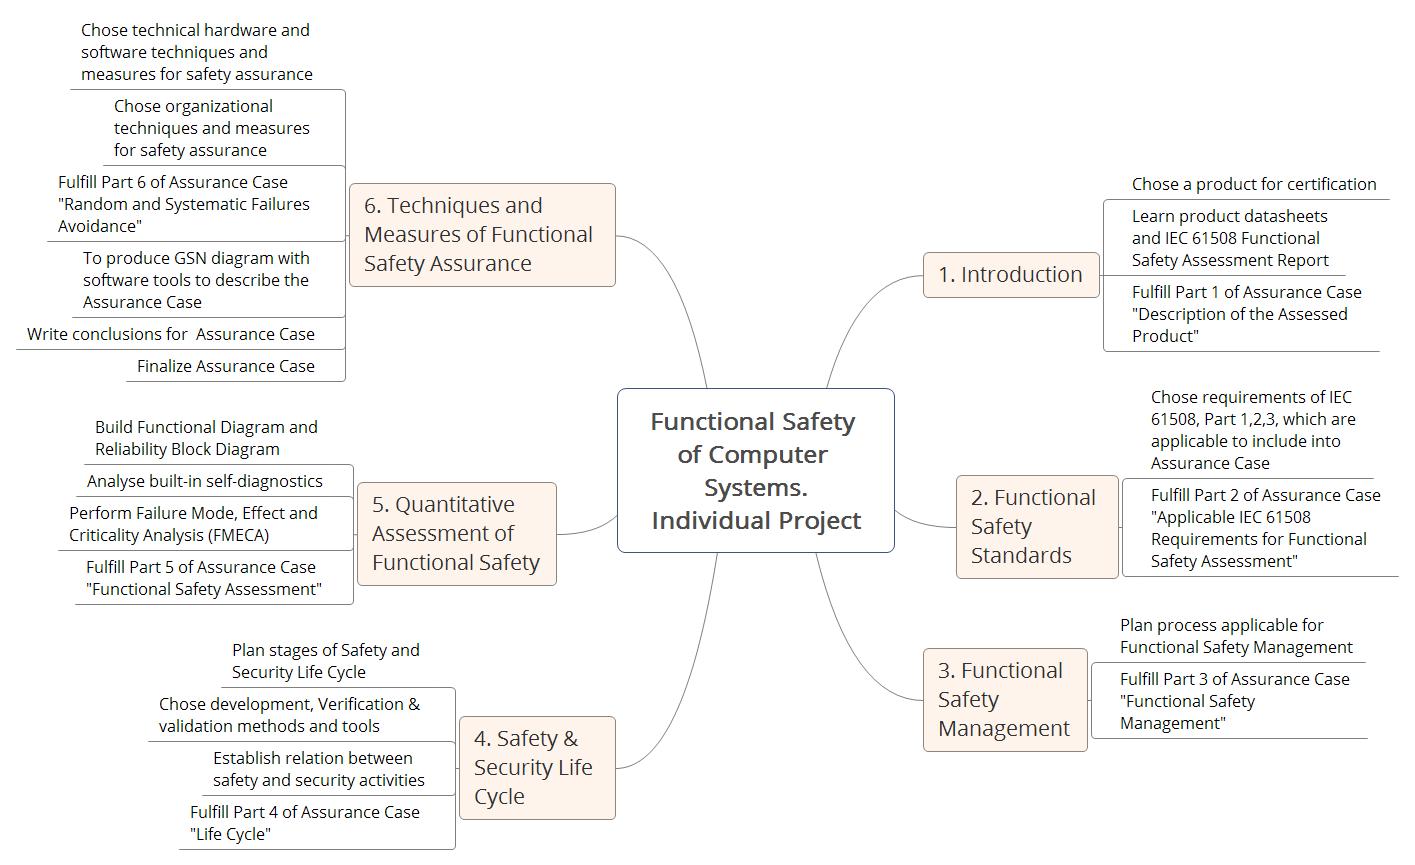 Онлайн курс «Функциональная безопасность компьютерных систем» - 3